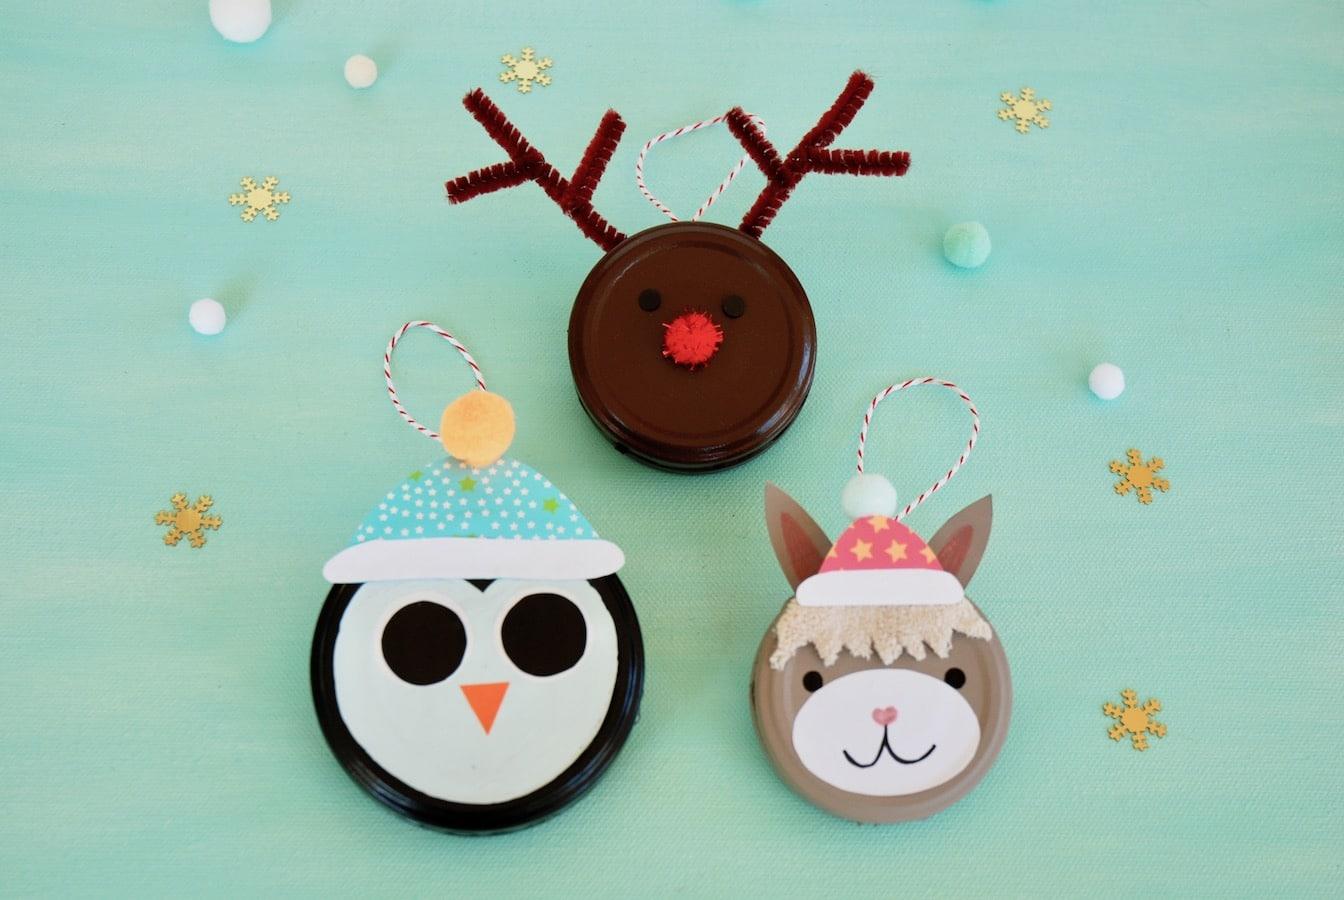 DIY. Weihnachtsanhaenger, Weihnachtsschmuck, Cuchikind Adventskalender 2018